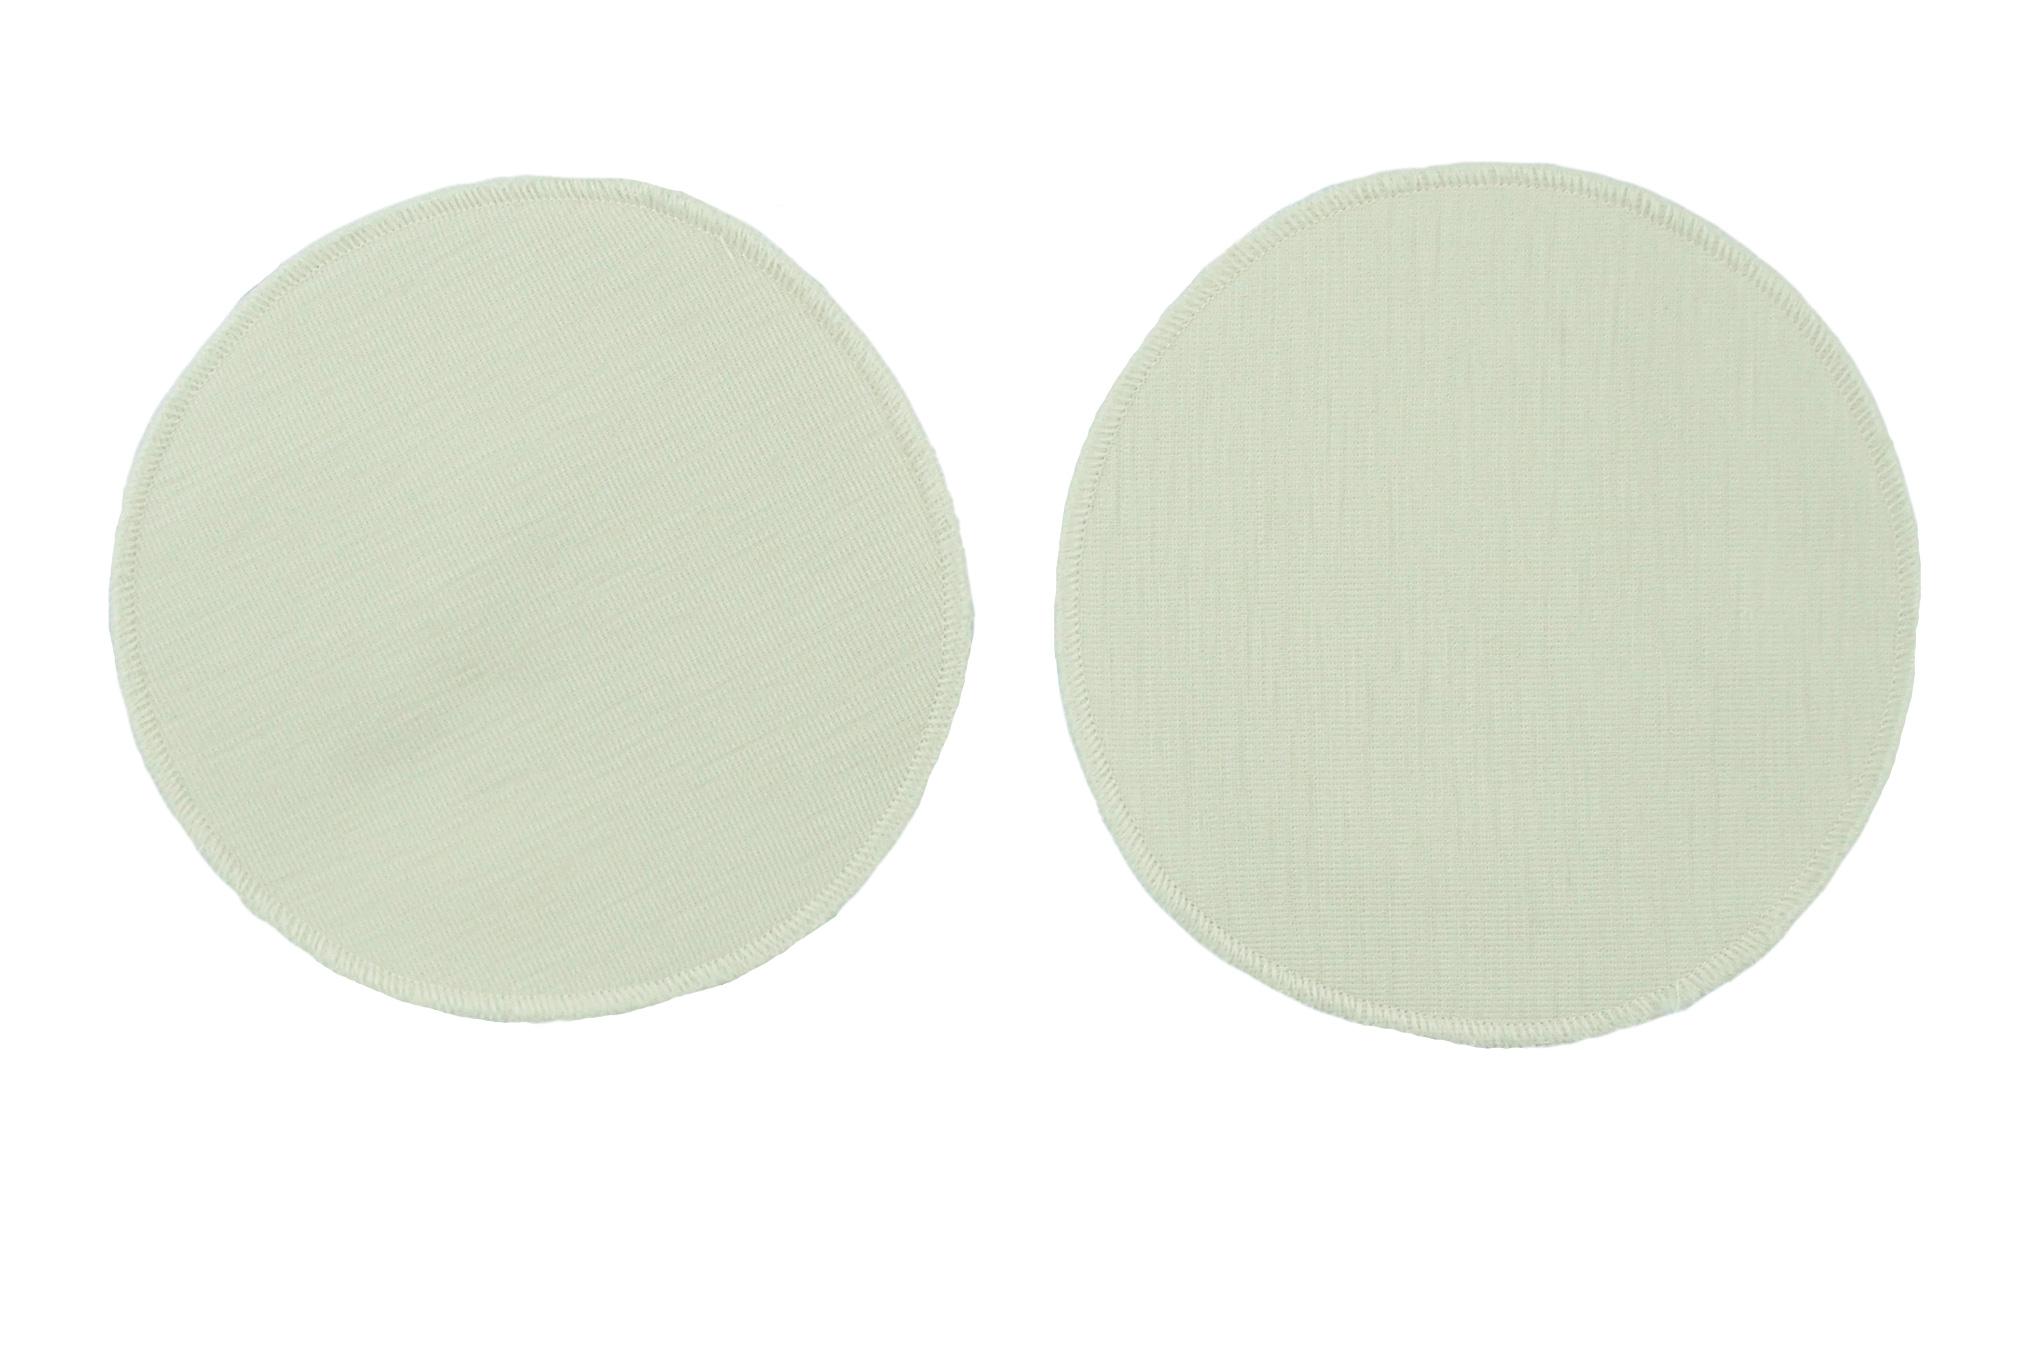 Minimundus bröstvärmare av 100% ekologisk ull och silke rund 14 cm i diameter